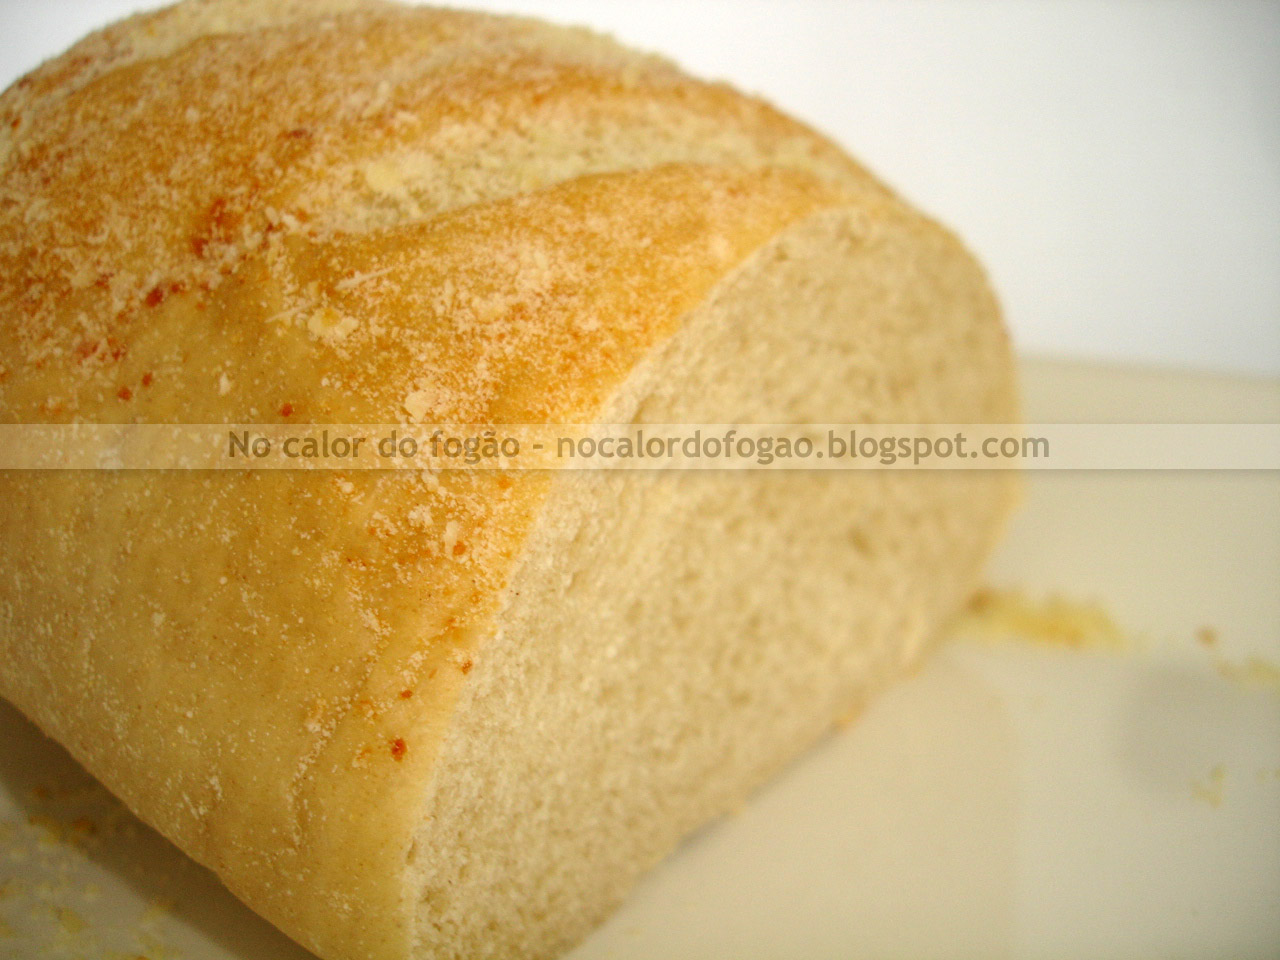 Pão branco rápido